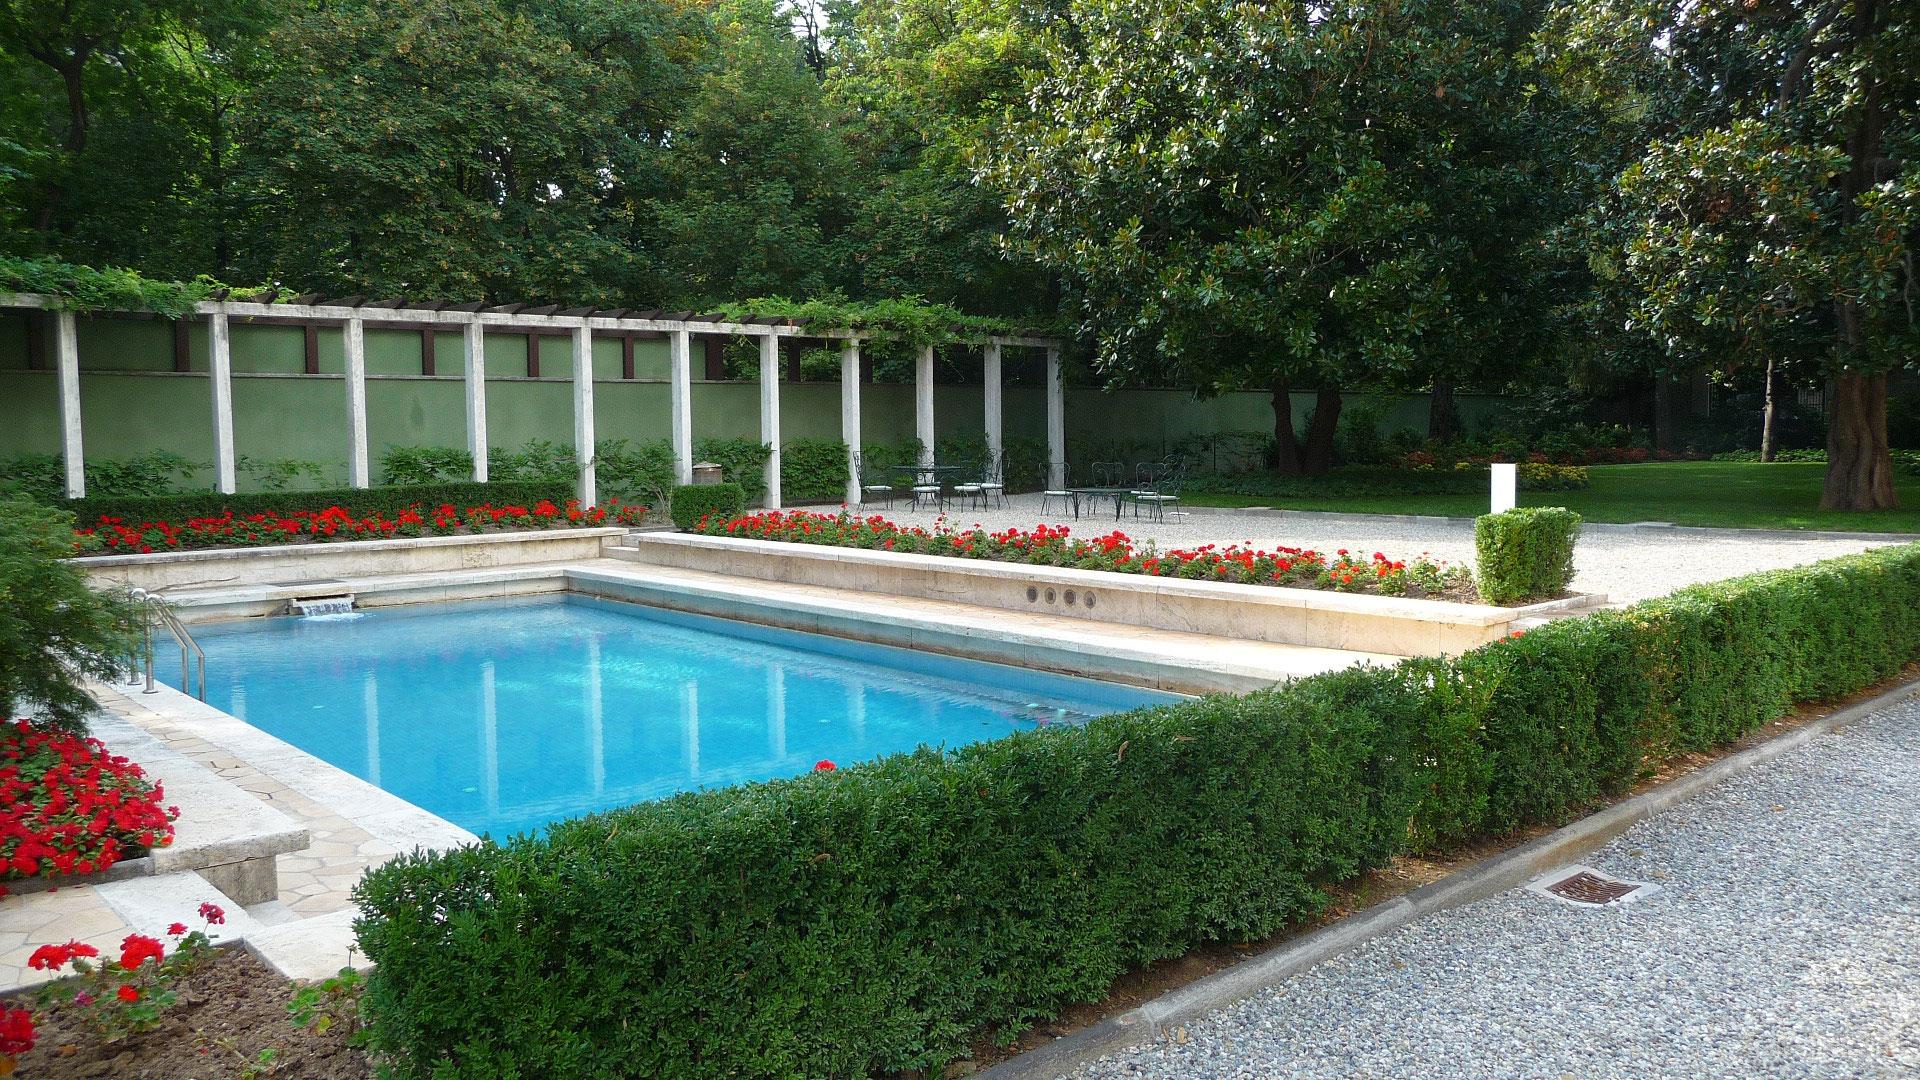 Un segreto di milano villa necchi campiglio blog per - Villa con piscina milano ...